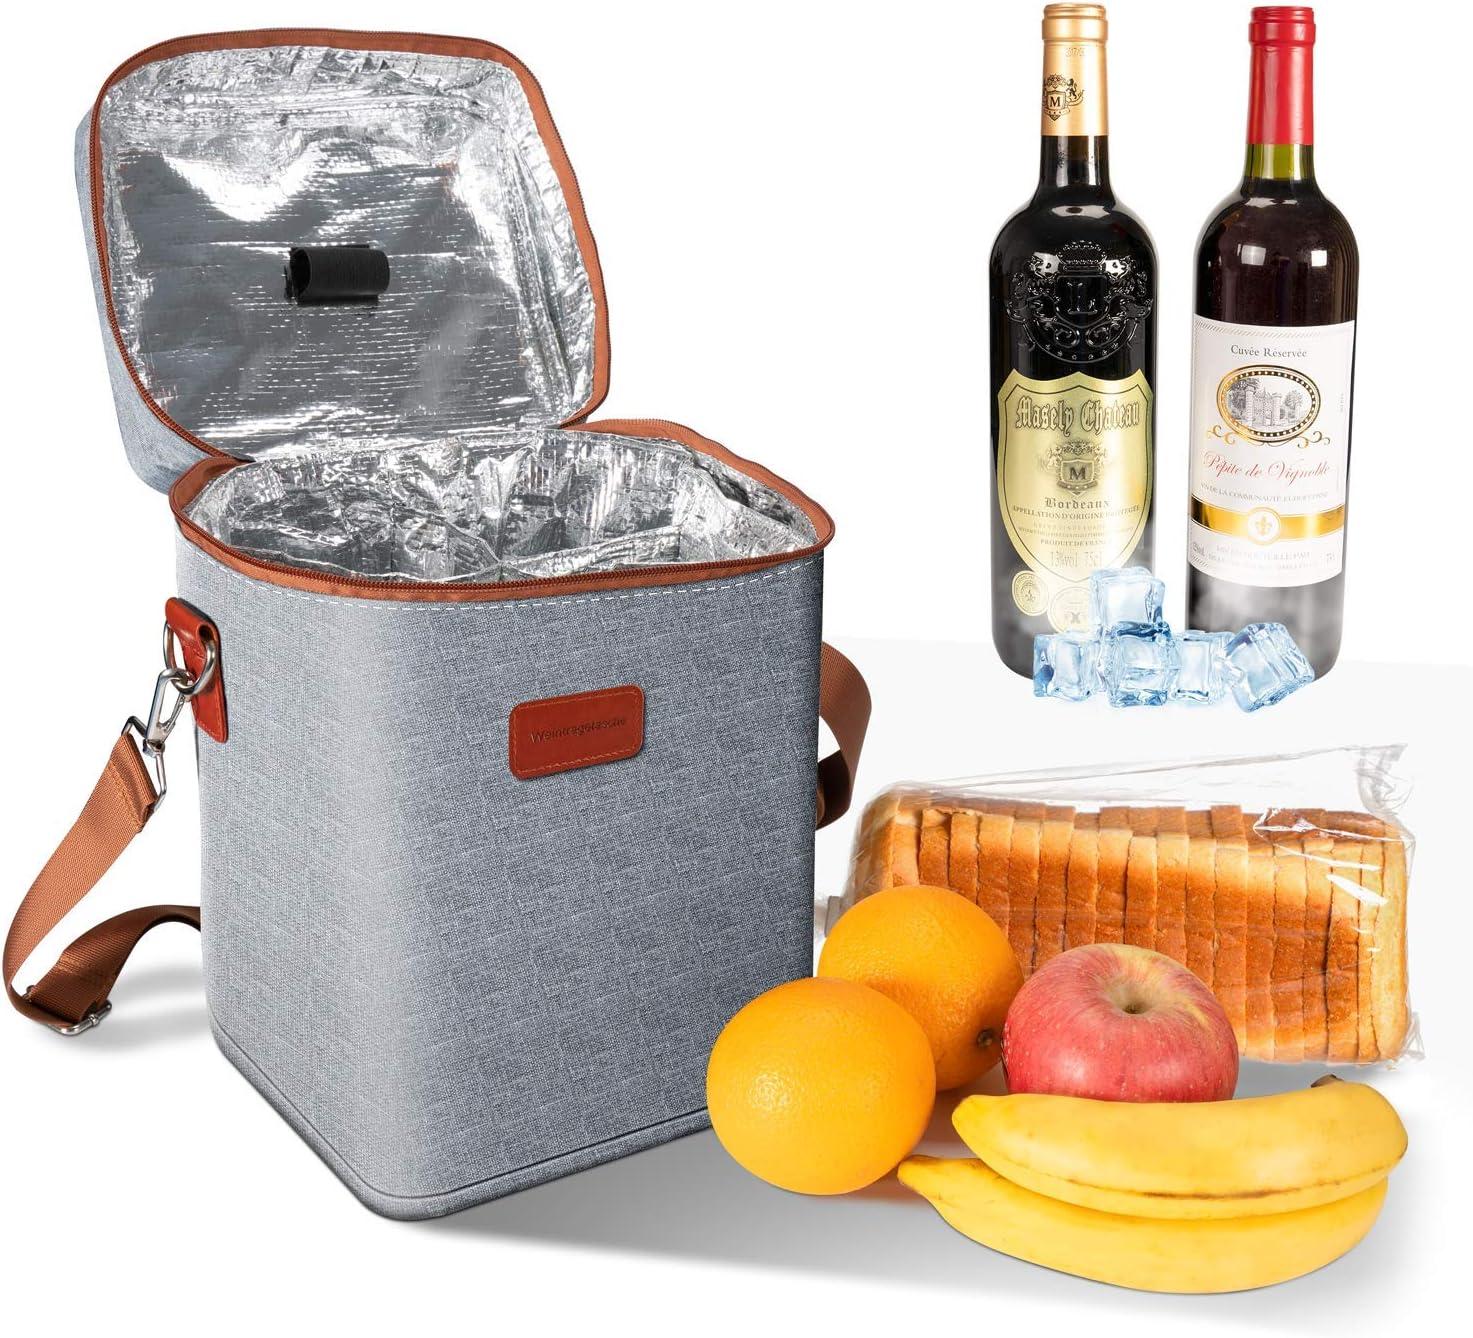 para picnics Ventvinal 13L Cooler Bag Picnic Bag Lunch Bag Multifuncional Oxford Cloth Wine Cooler Bag para 4 Botellas Playas y Fiestas con Asas y Correas de Hombro Ajustables